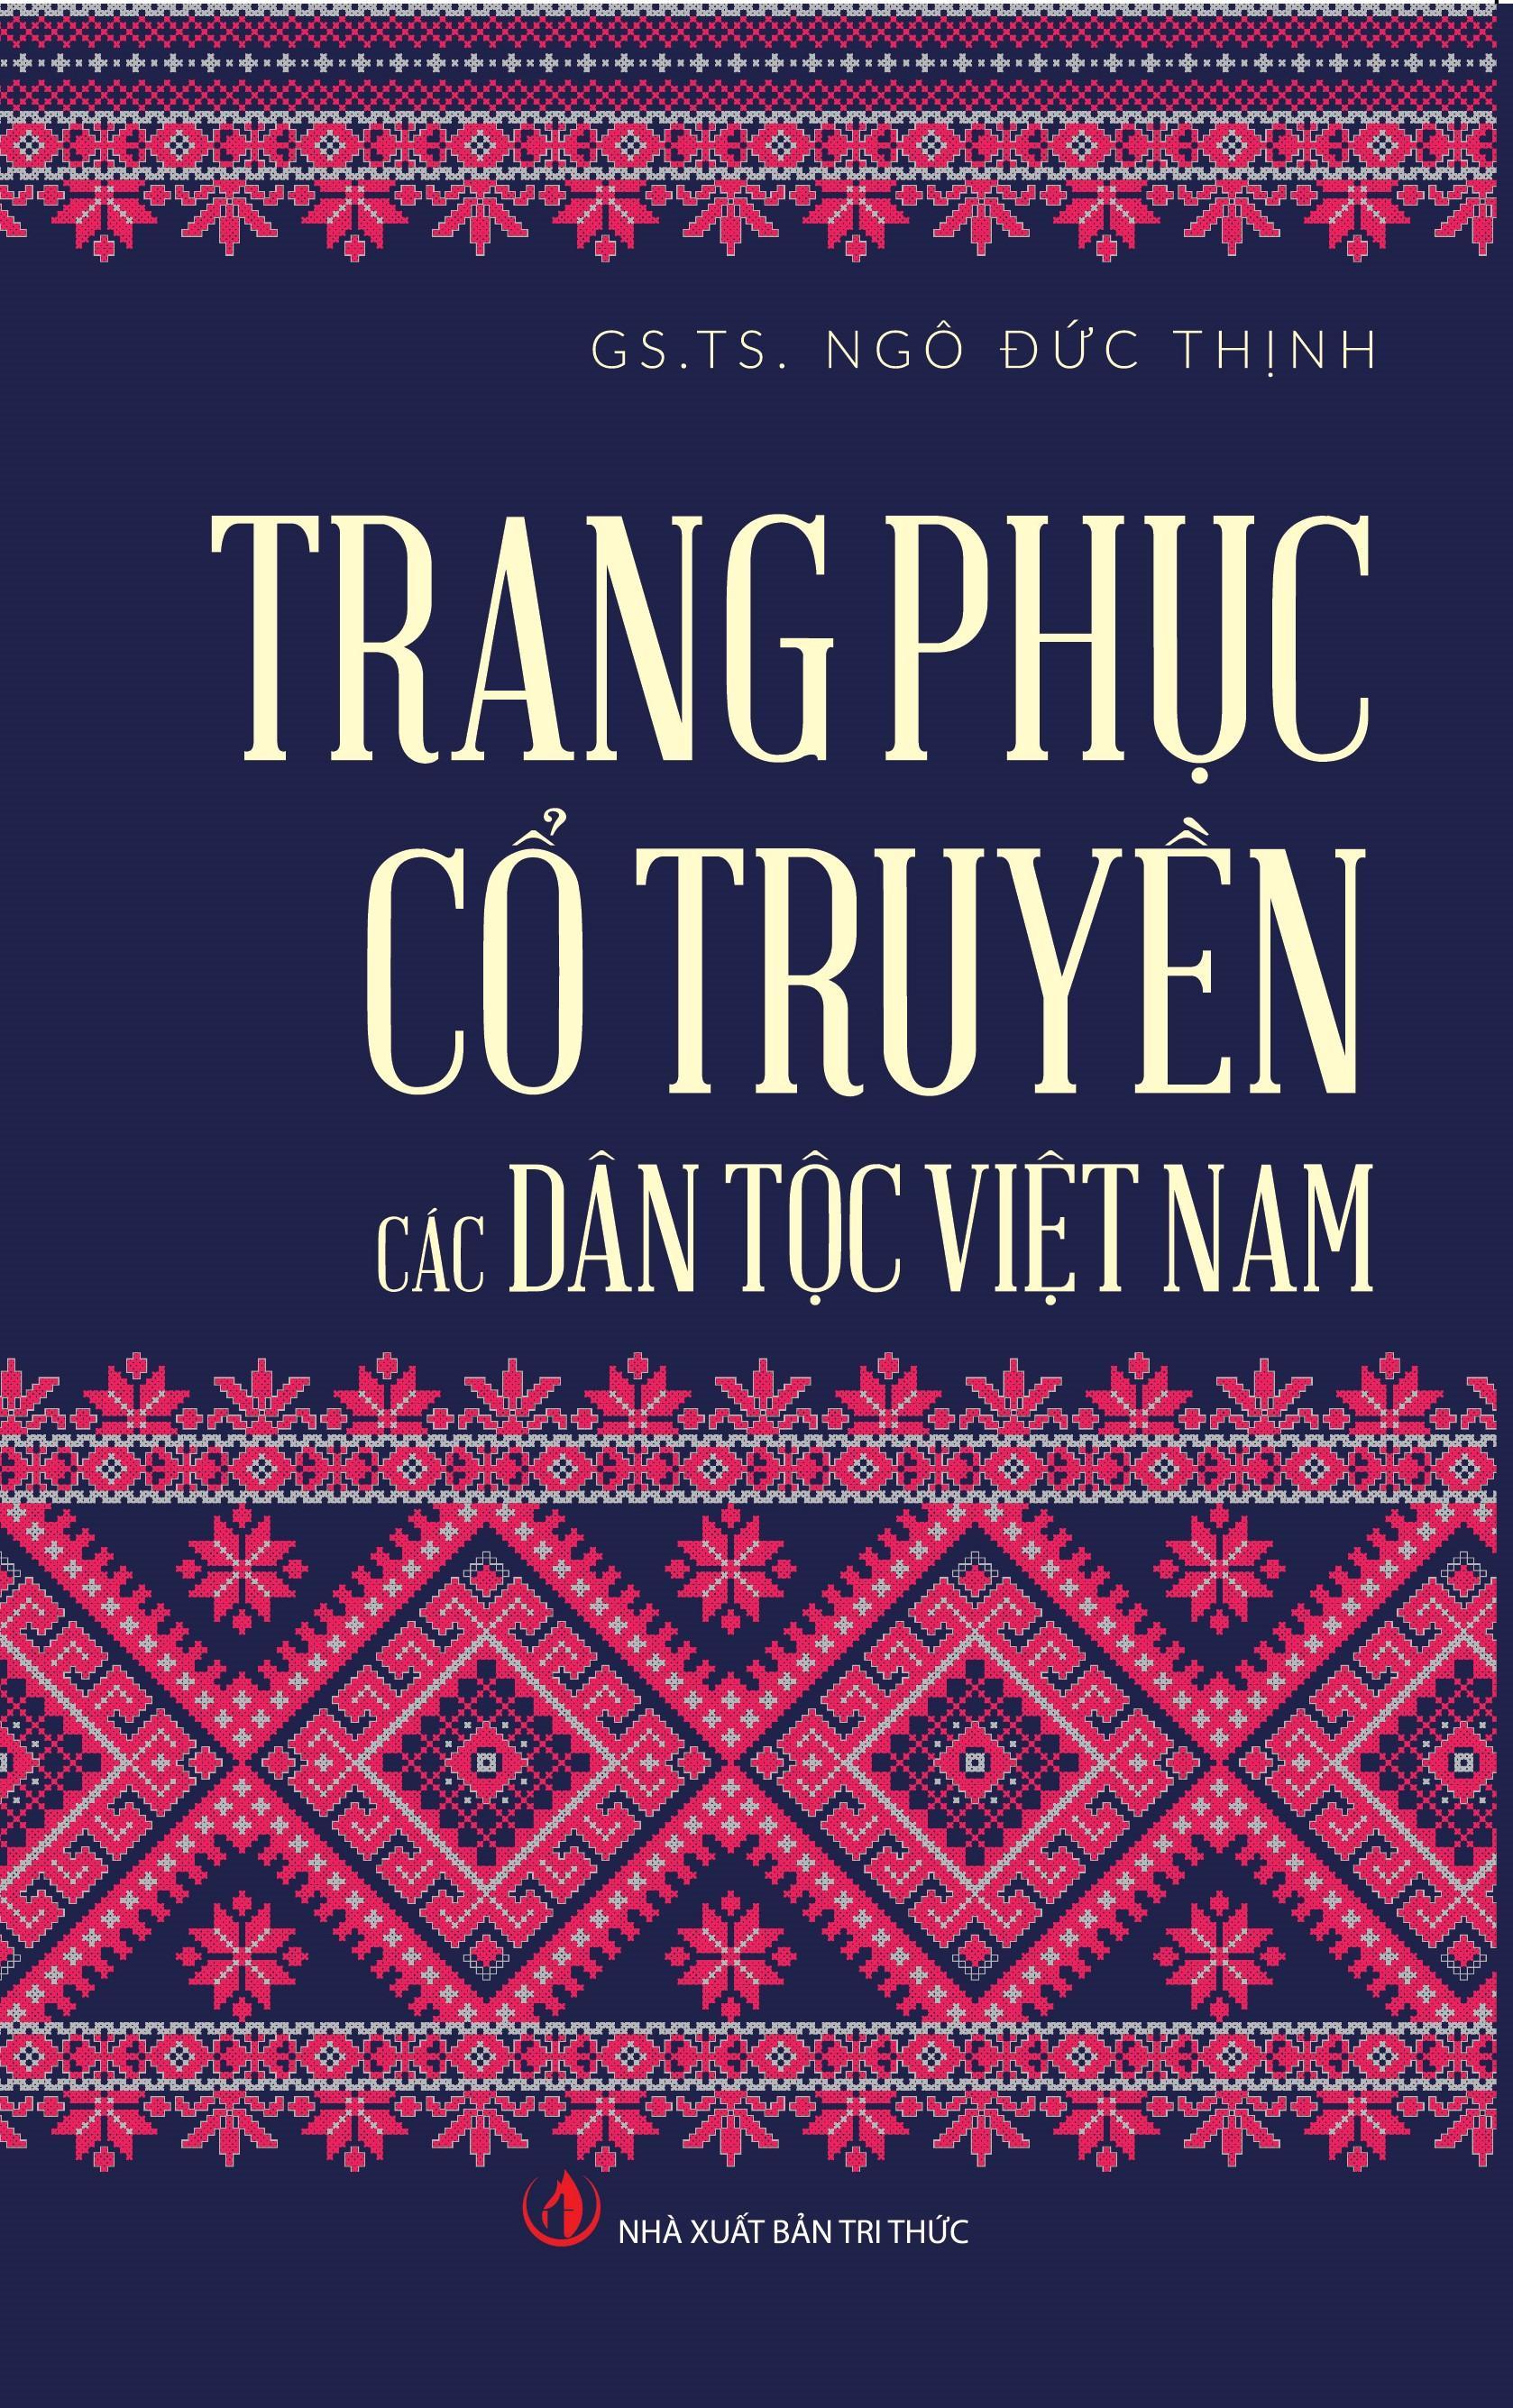 Mua Trang Phục Cổ Truyền Các Dân Tộc Việt Nam